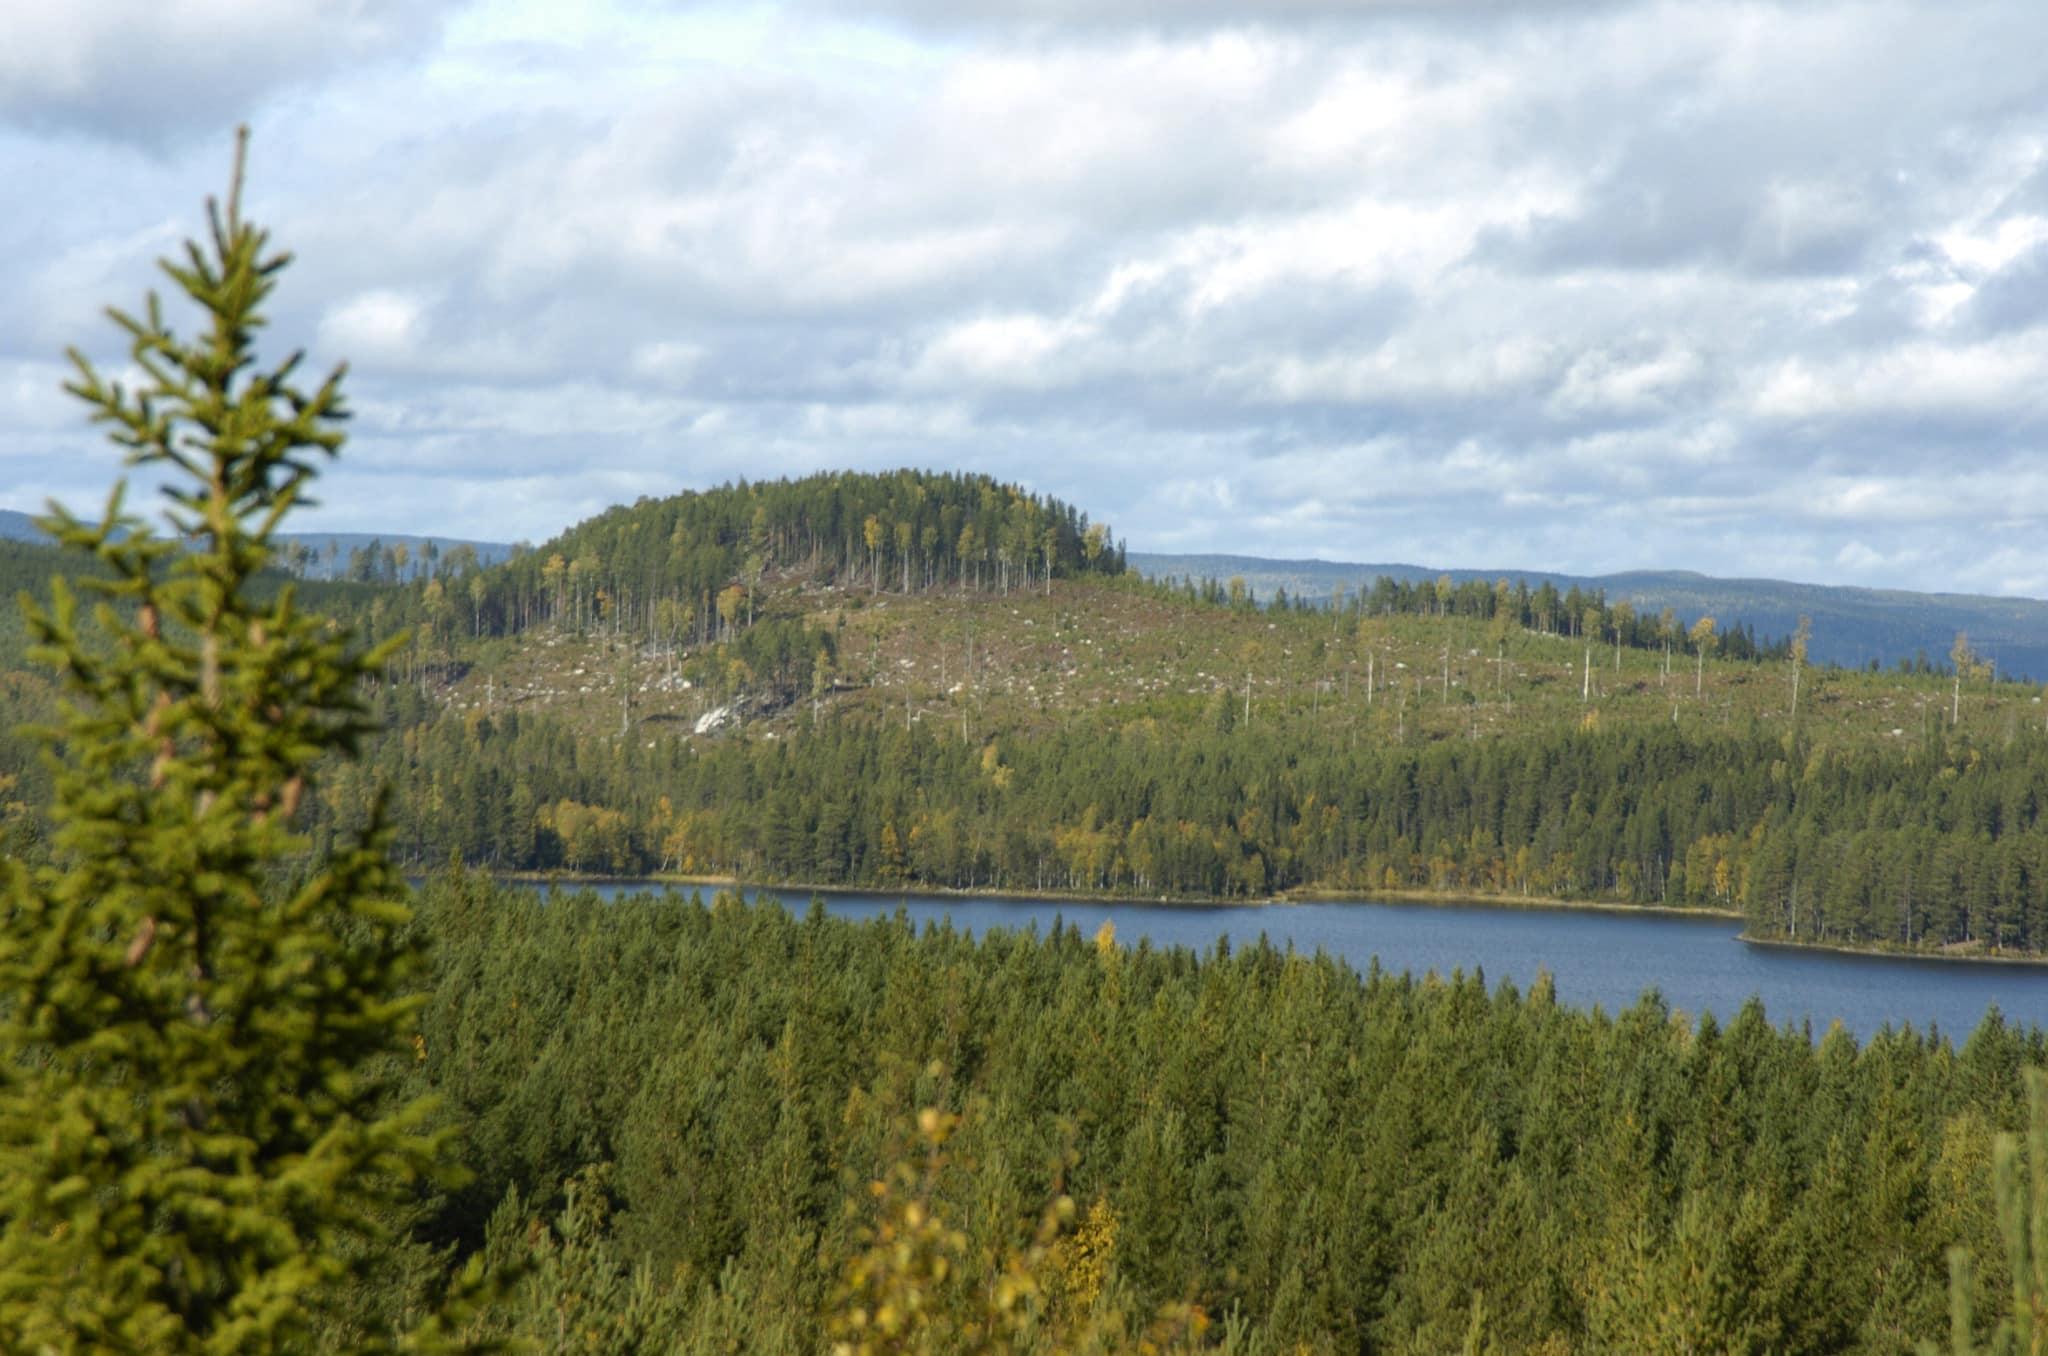 Grupper av träd som lämnas vid slutavverkningarna har stor betydelse för många arter. Och ju större hänsynsyta som lämnas, desto bättre. Foto: Jan Henricson